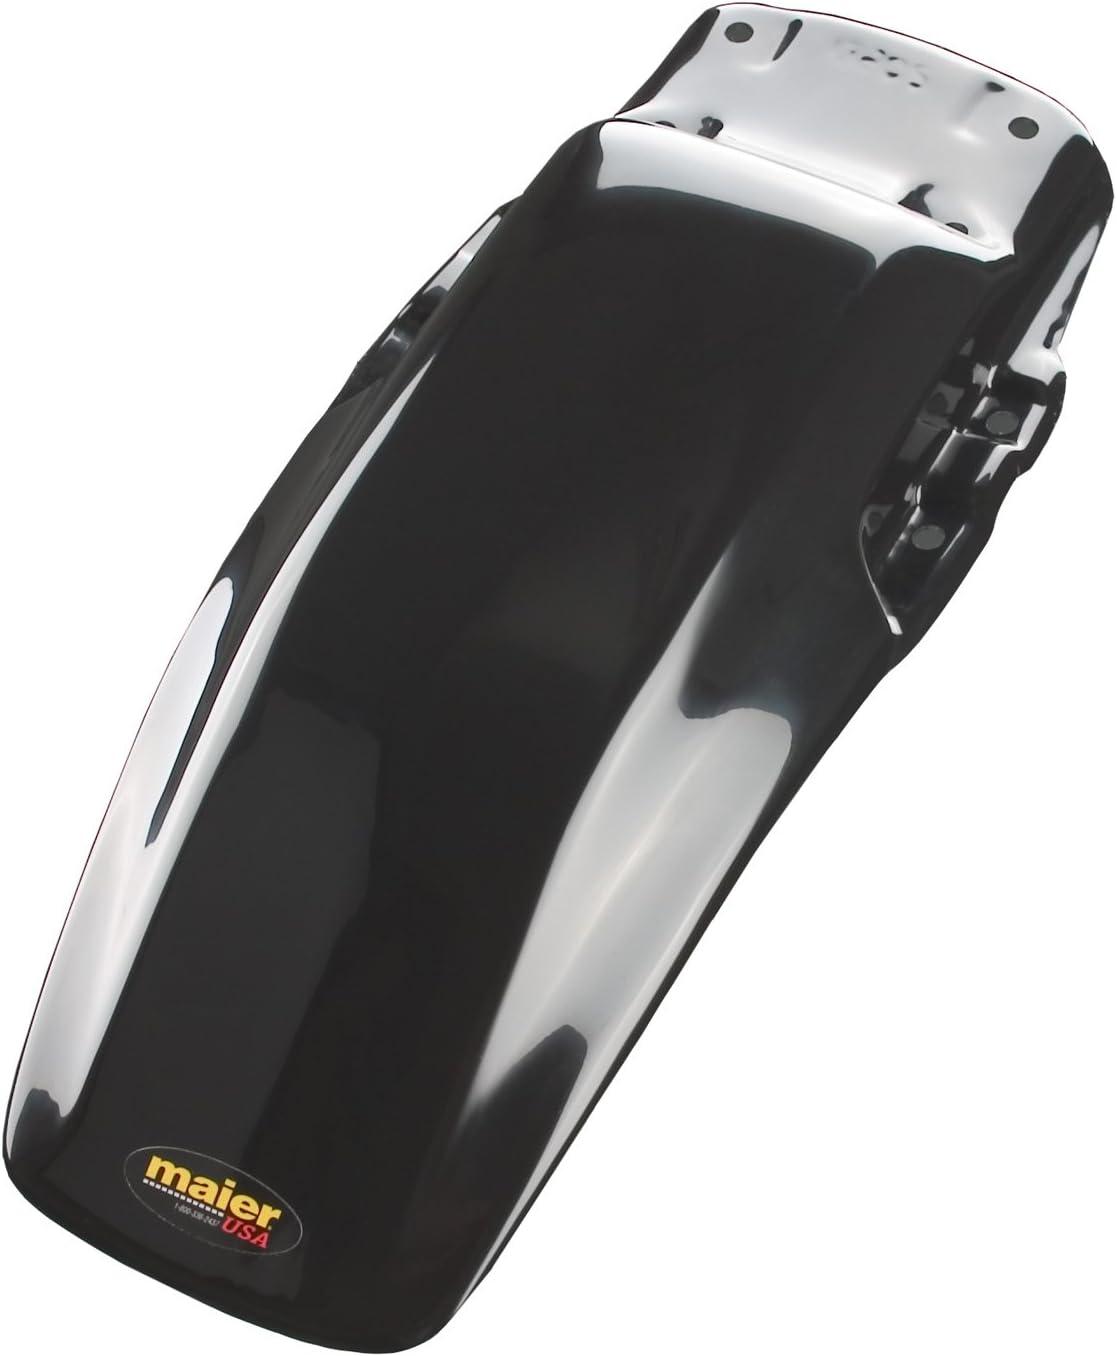 13502-12 Fighting Red Maier USA Rear Fender for Honda XR 80 XR100